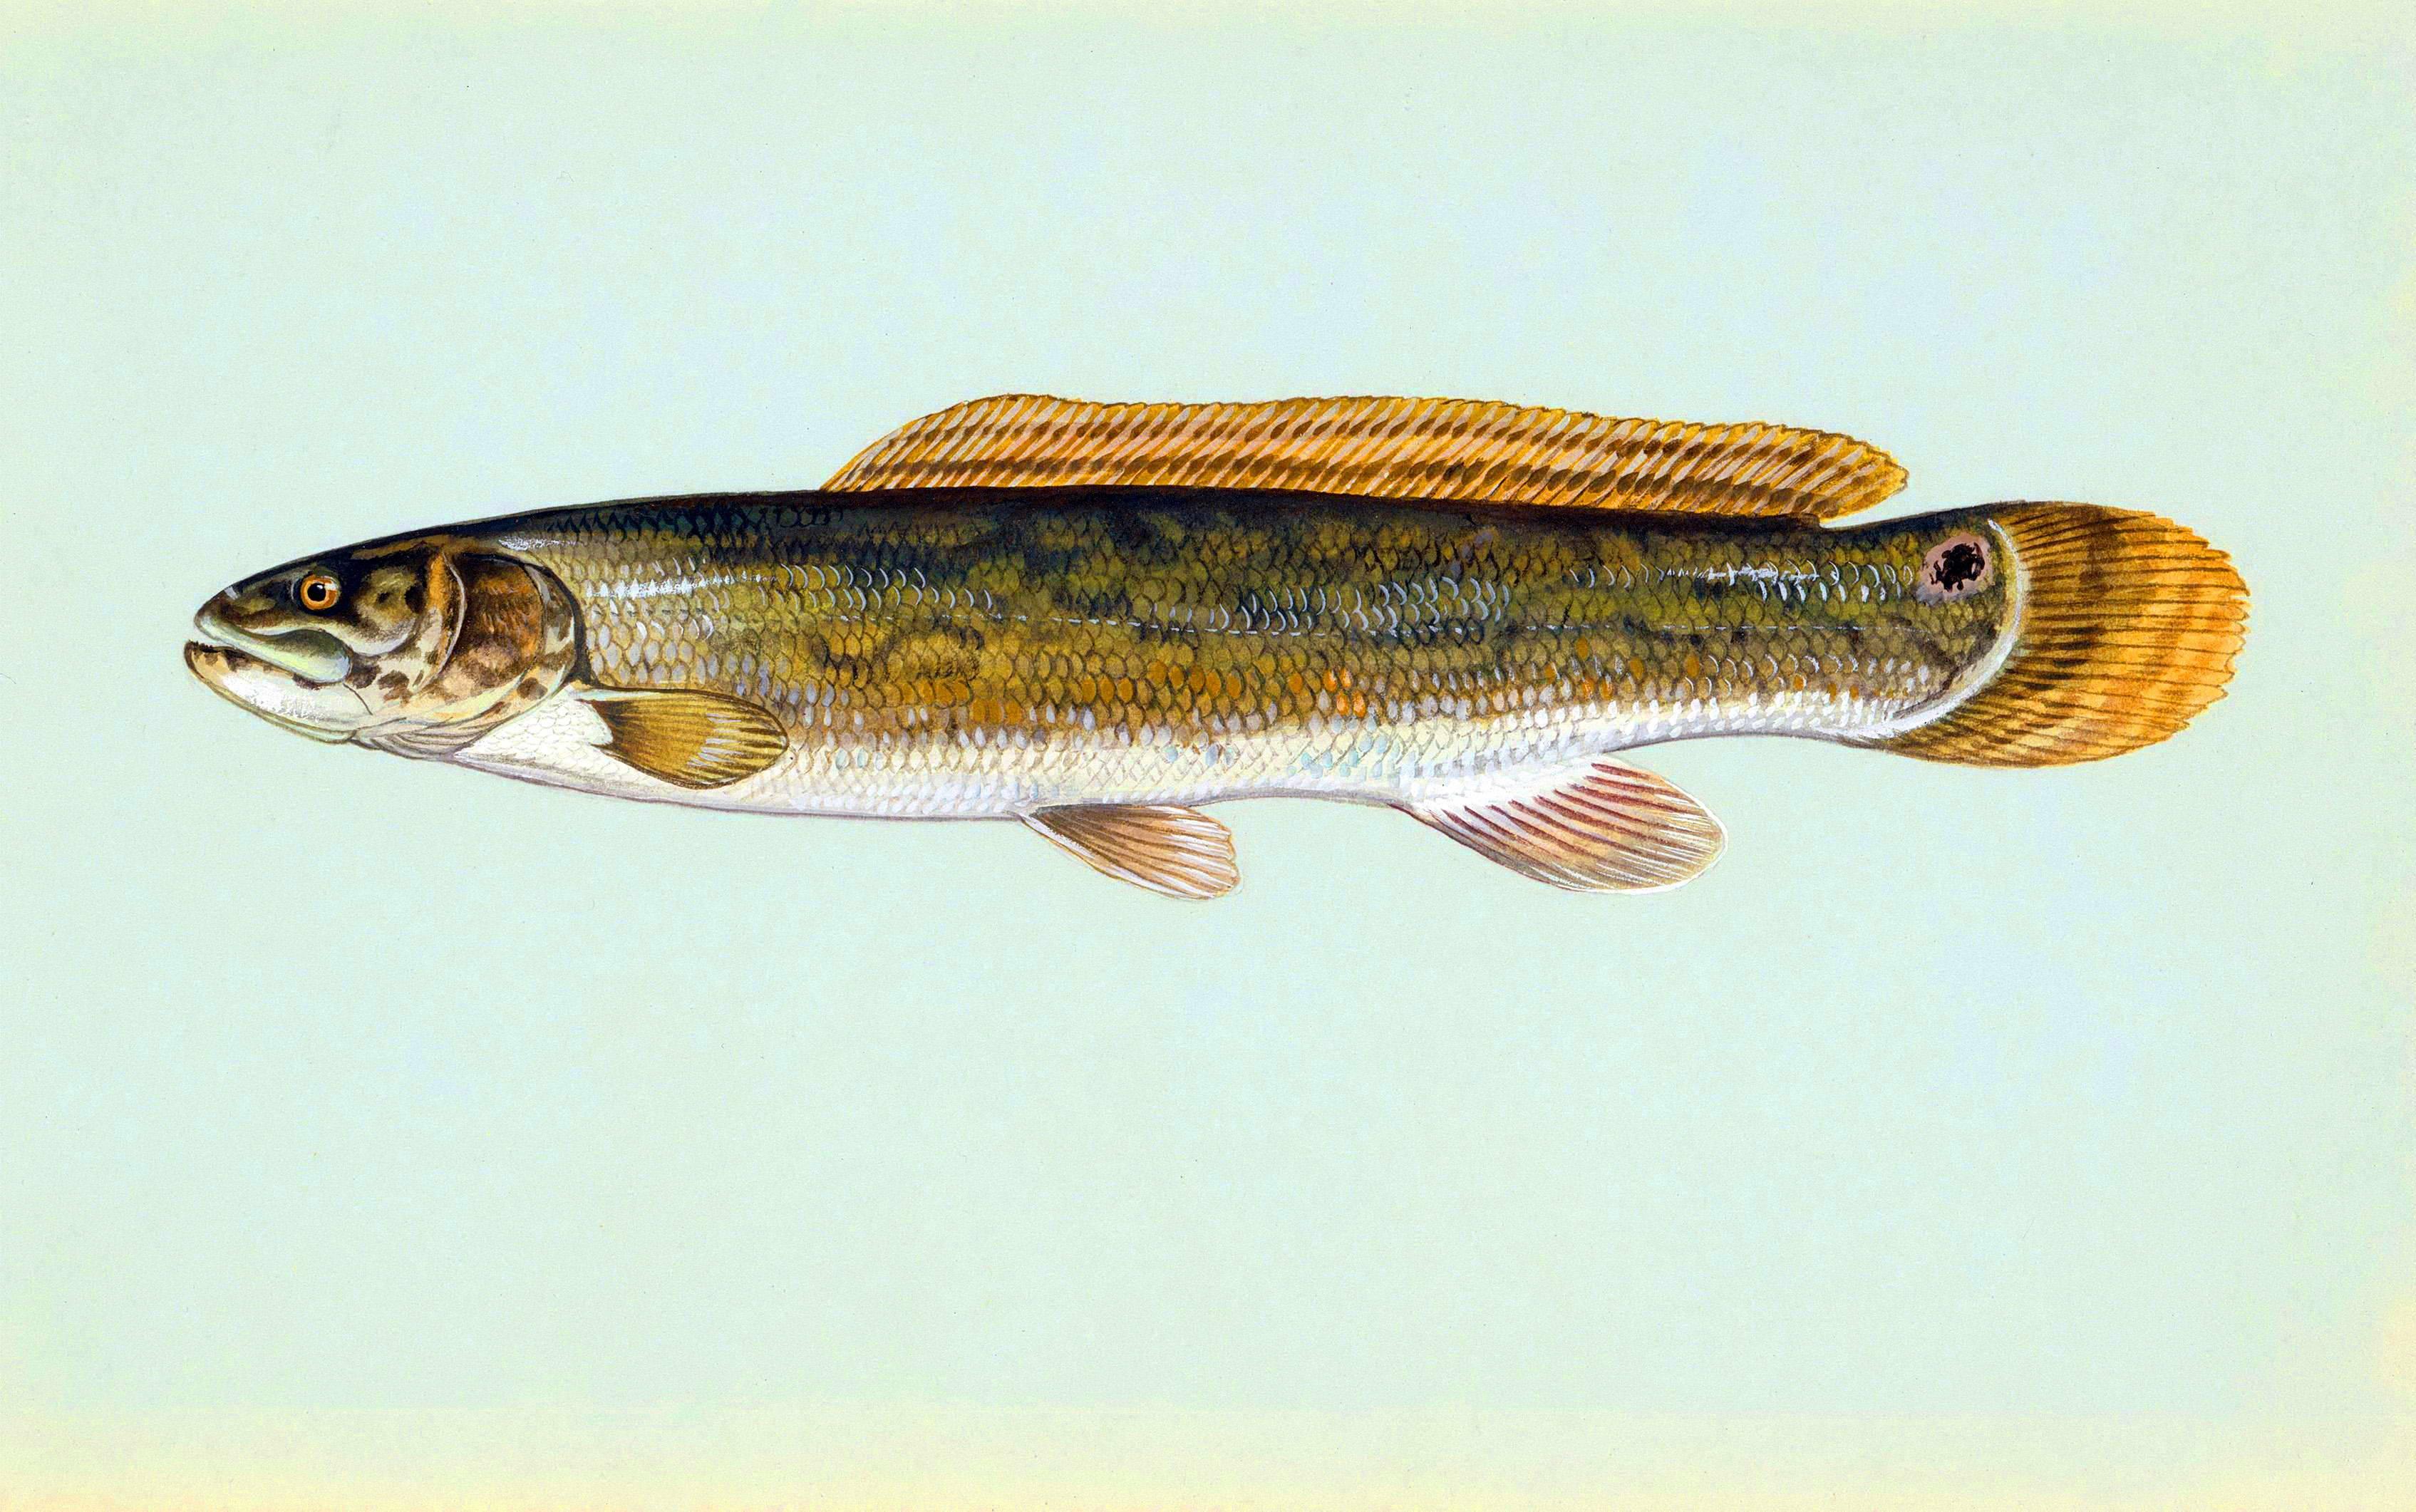 Ильная рыба — живое ископаемое : labuda.blog ильная рыба — живое ископаемое — «лабуда» информационно-развлекательный интернет журнал